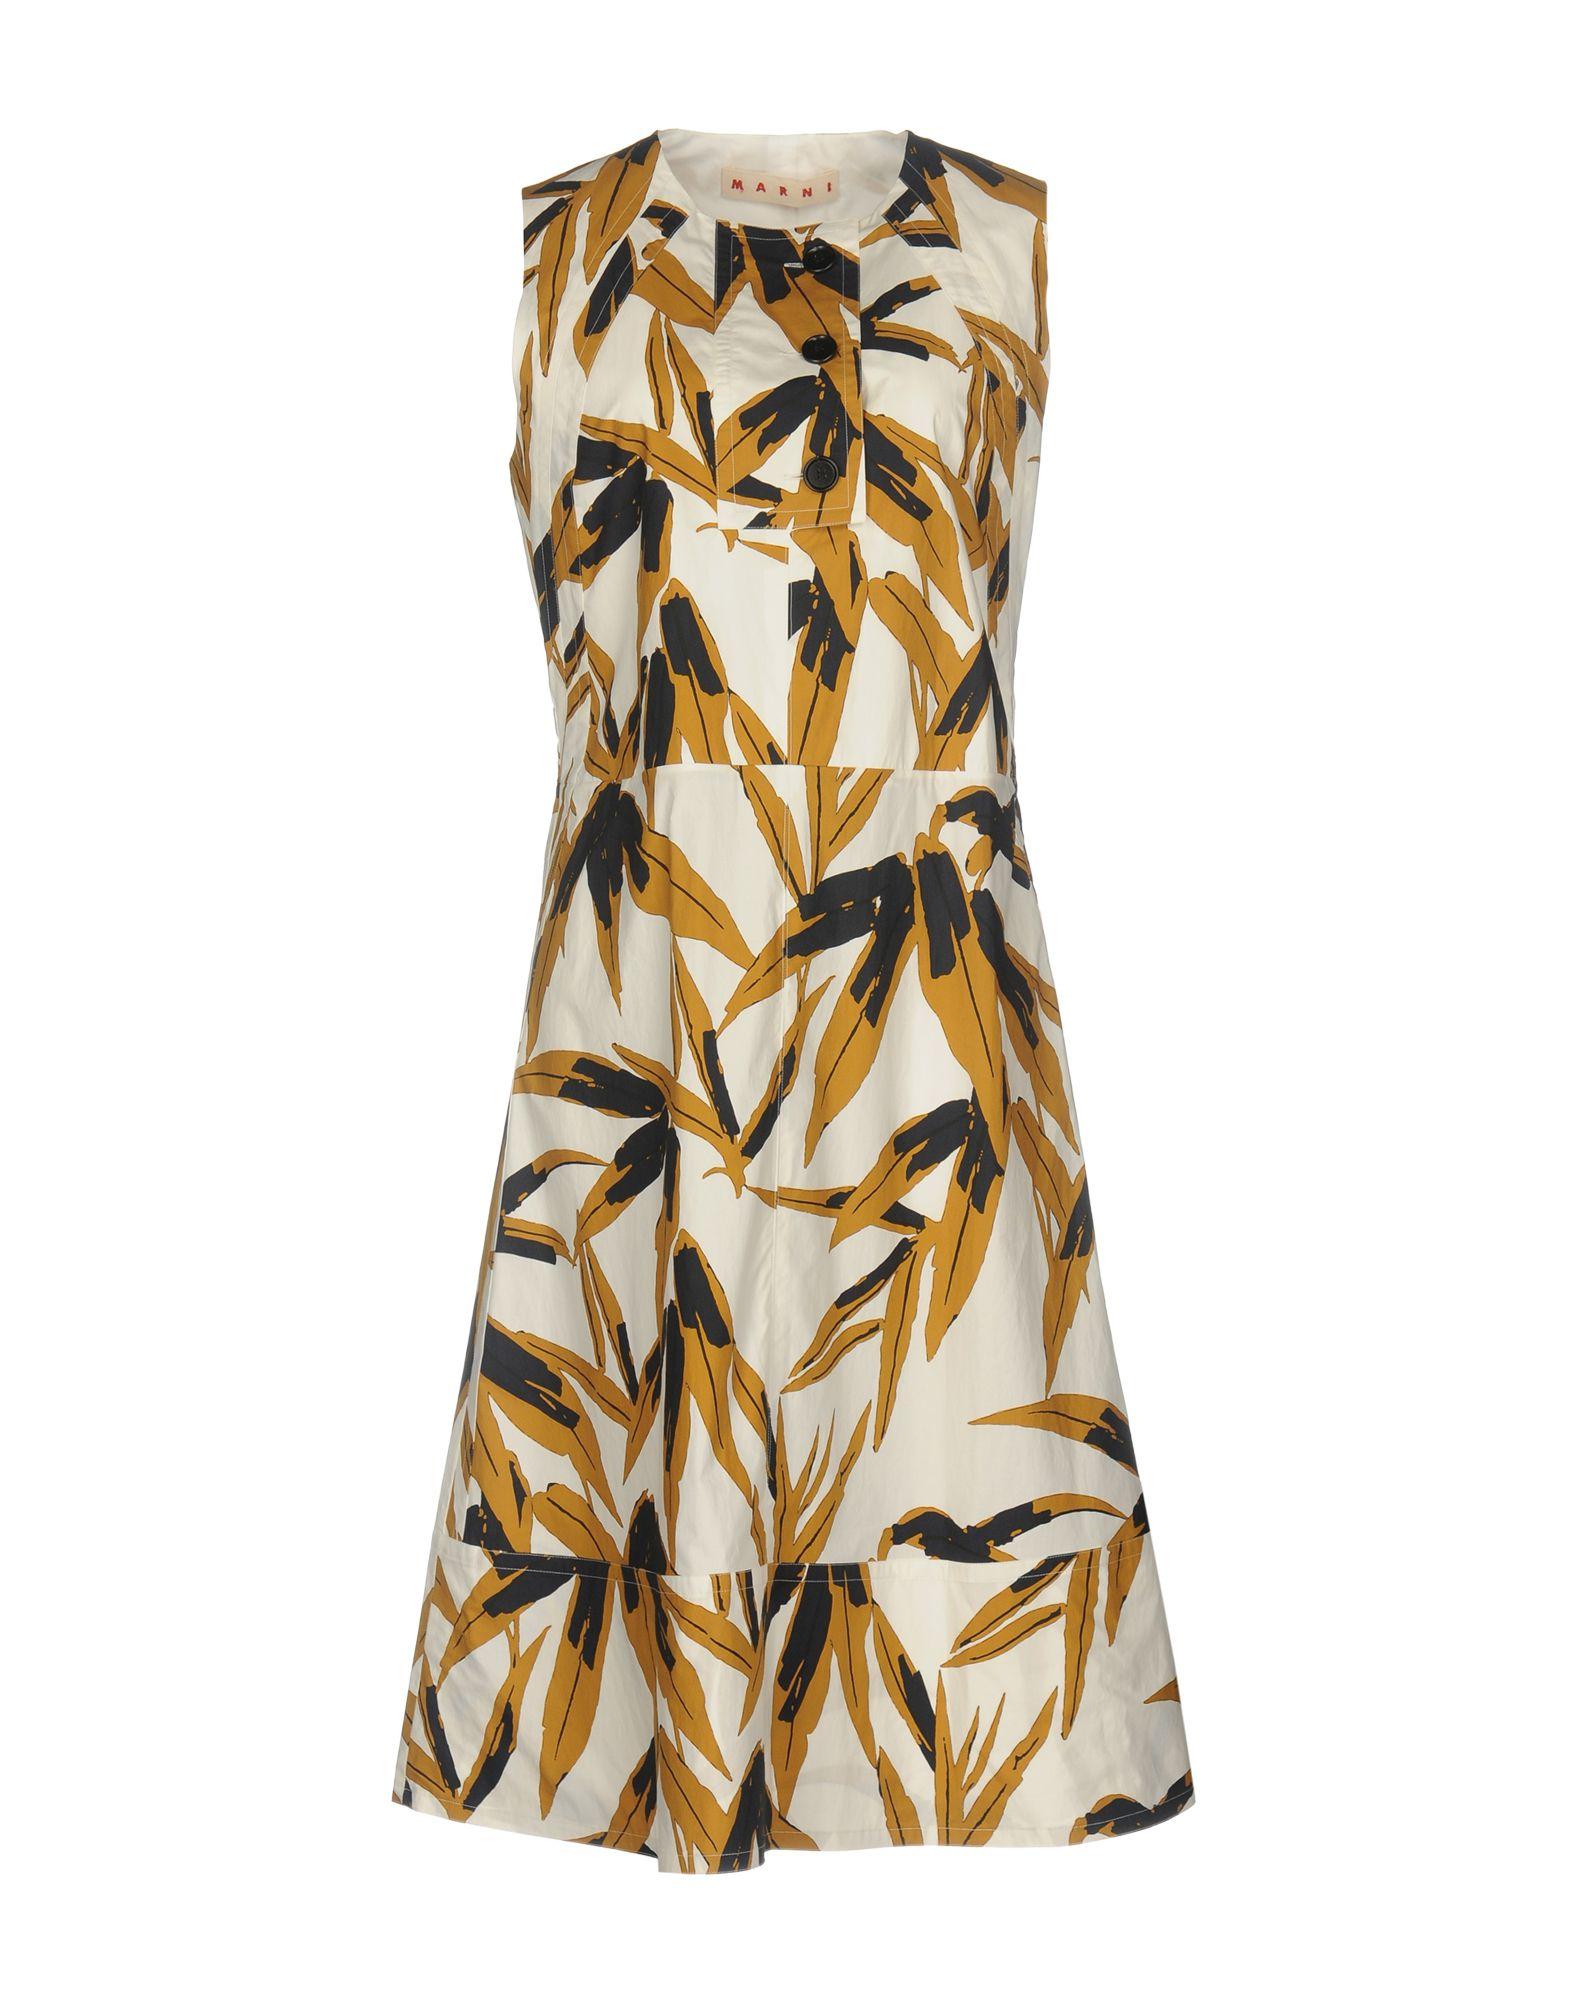 MARNI Damen Knielanges Kleid Farbe Elfenbein Größe 6 jetztbilligerkaufen